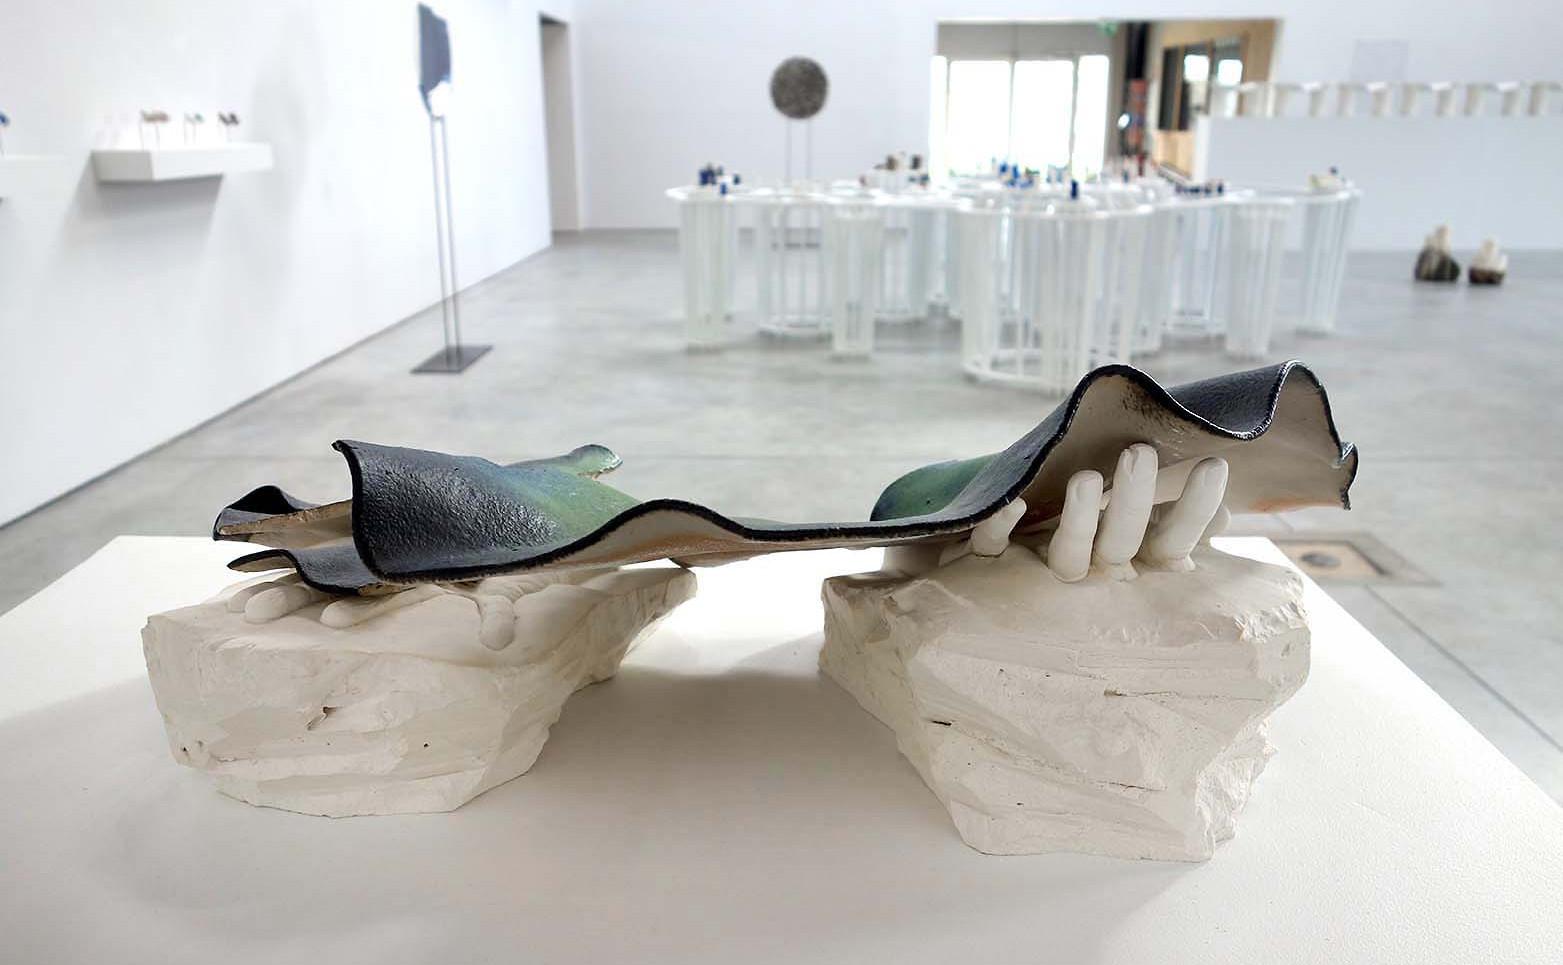 GRÉGORIANE CANAMÉRAS La paumée, 2019 Porcelaine rêche émaillée de Jingdezhen, plâtre 65 x 40 x 25 cm.